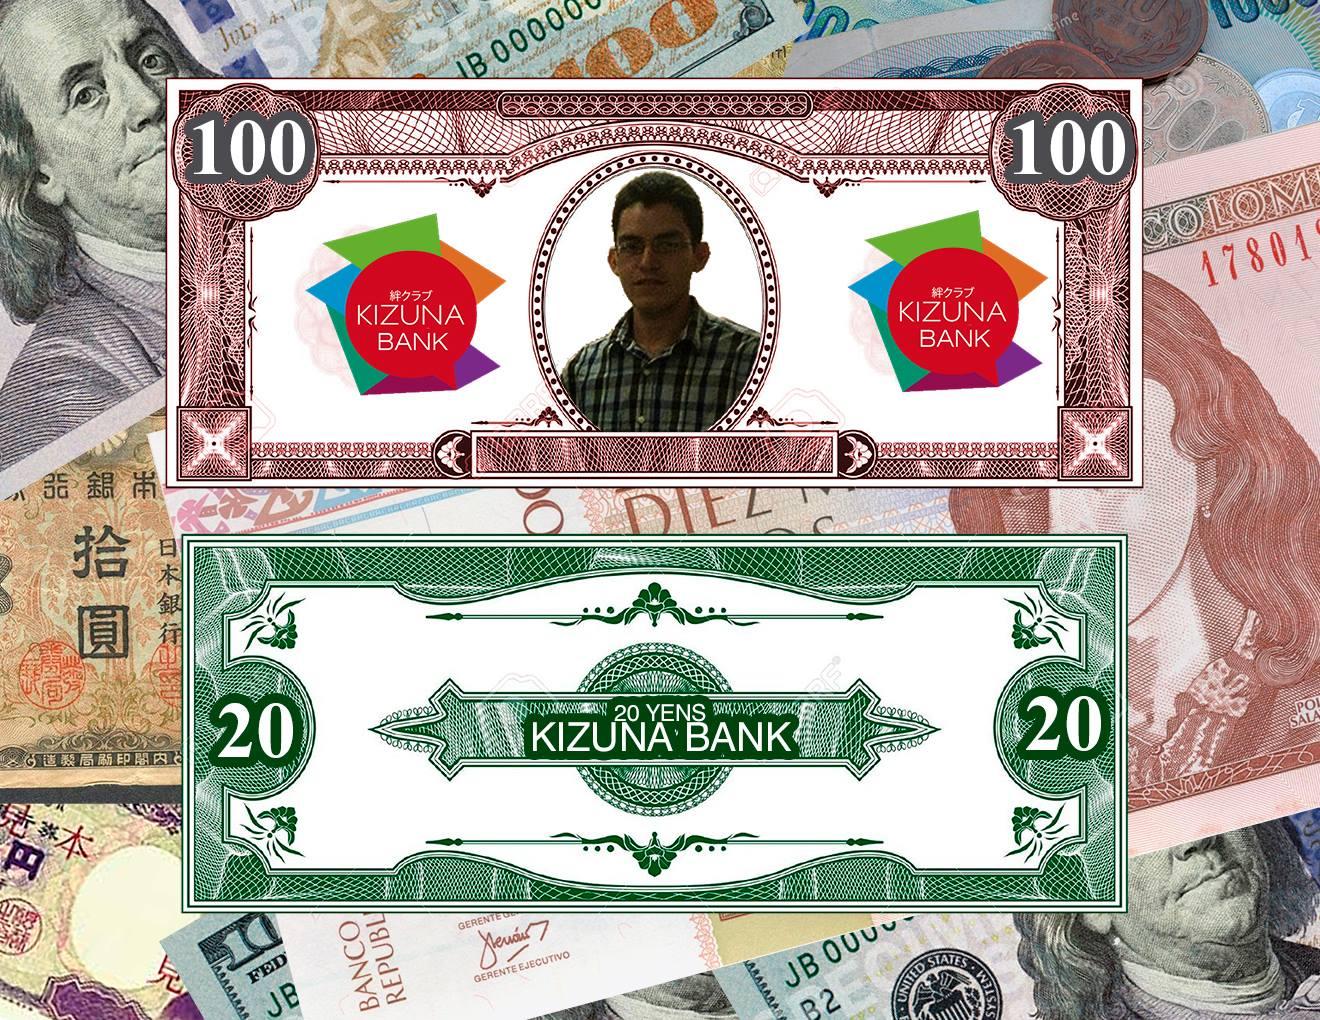 Dibujos en los billetes y monedas japonesas actuales